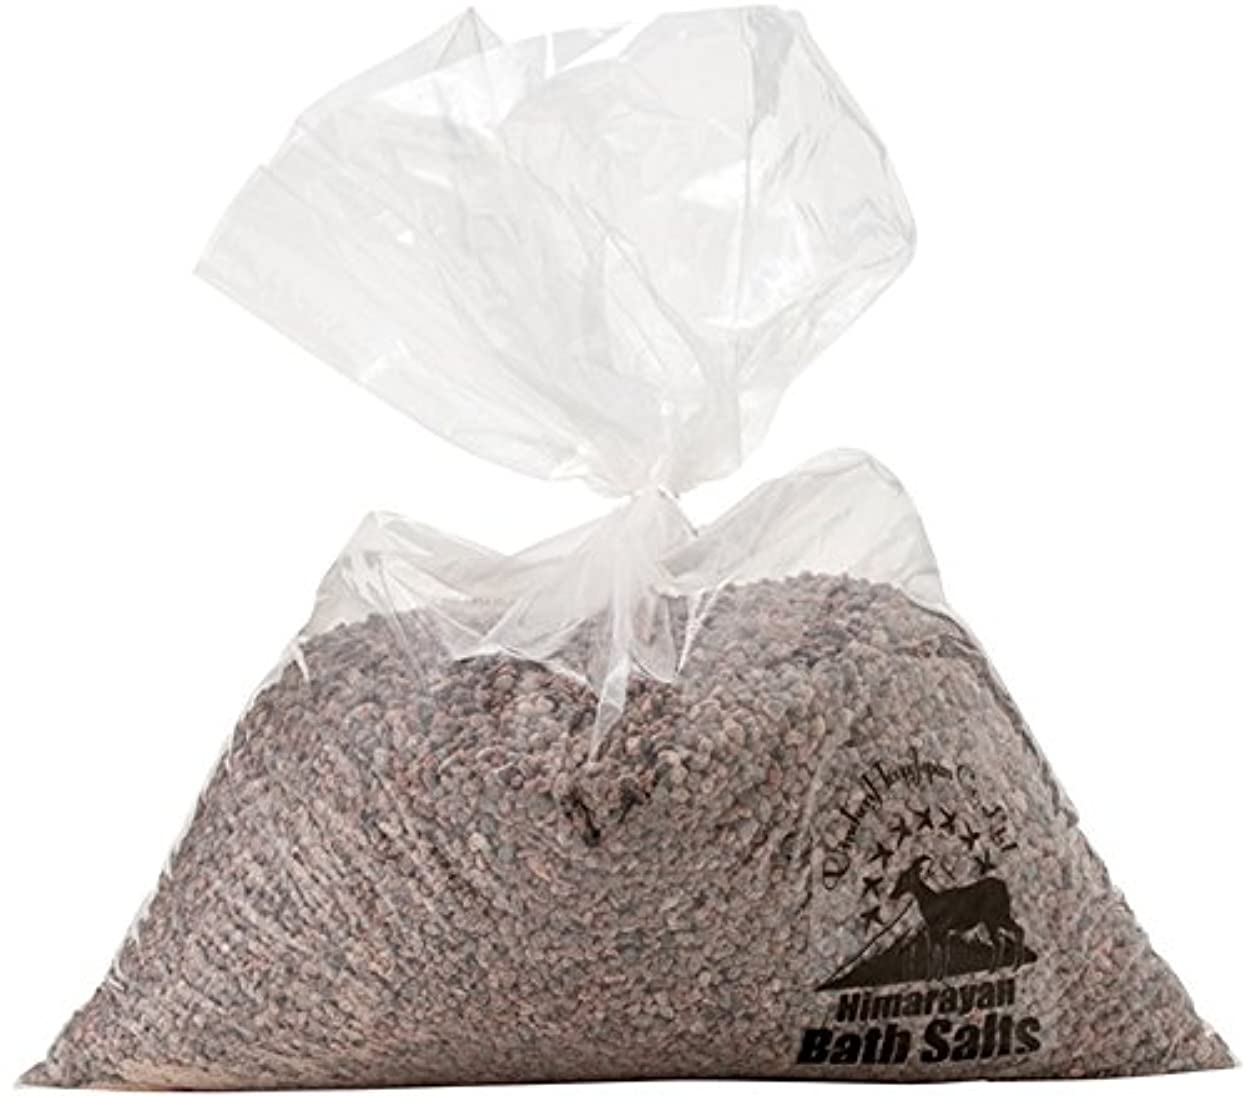 構成員割る手数料ヒマラヤ岩塩 バスソルト ブラック 小粒 5kg